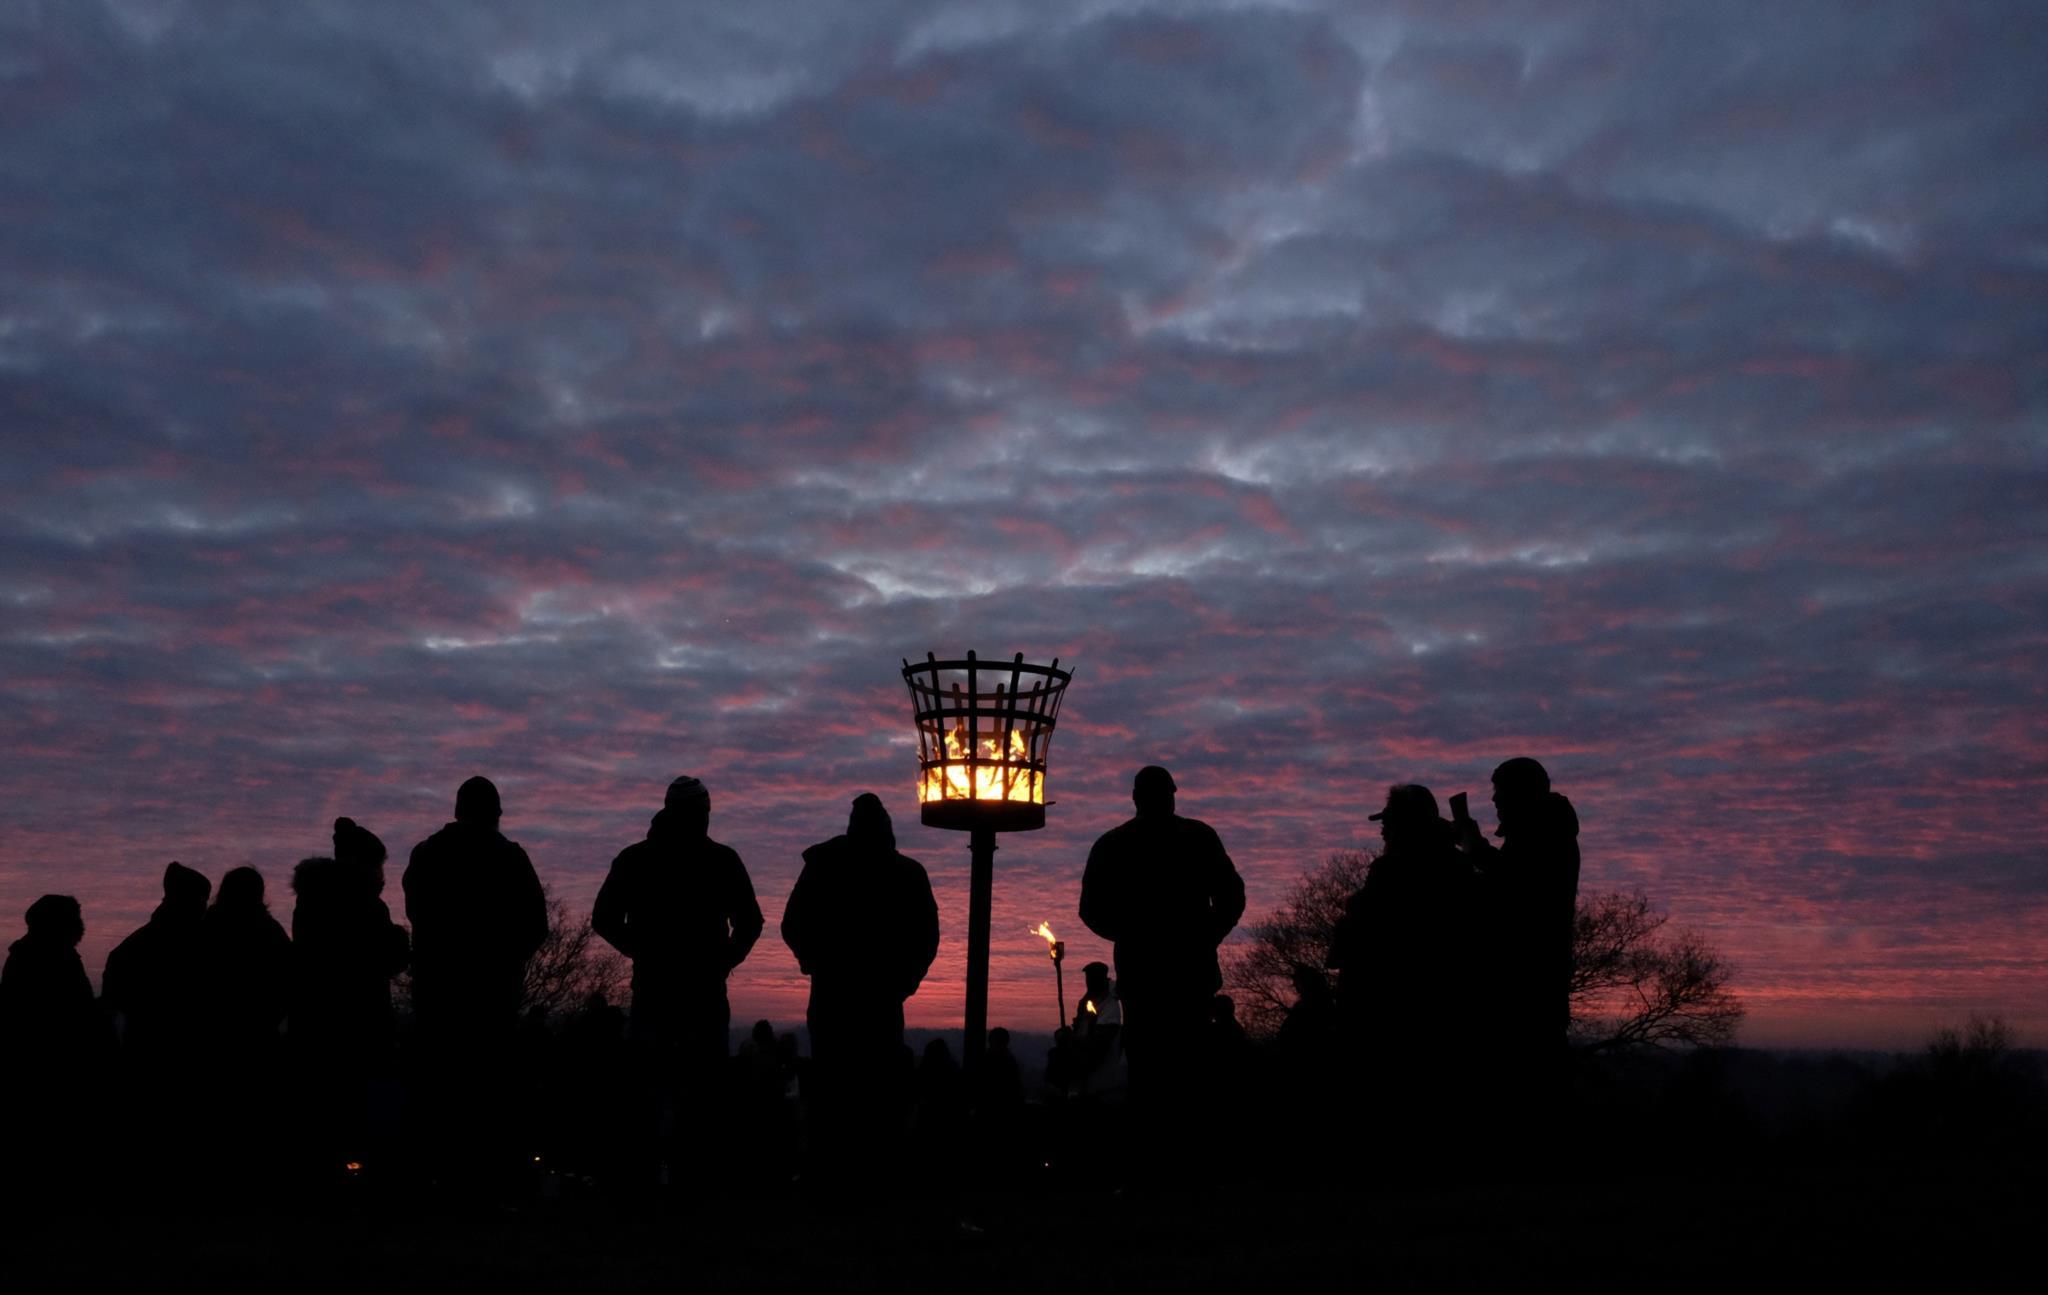 O grupo <i>Charnwood Grove of Druid</i> reúne-se para praticar um ritual de solstício de Inverno, perto de Loughborough, no Reino Unido